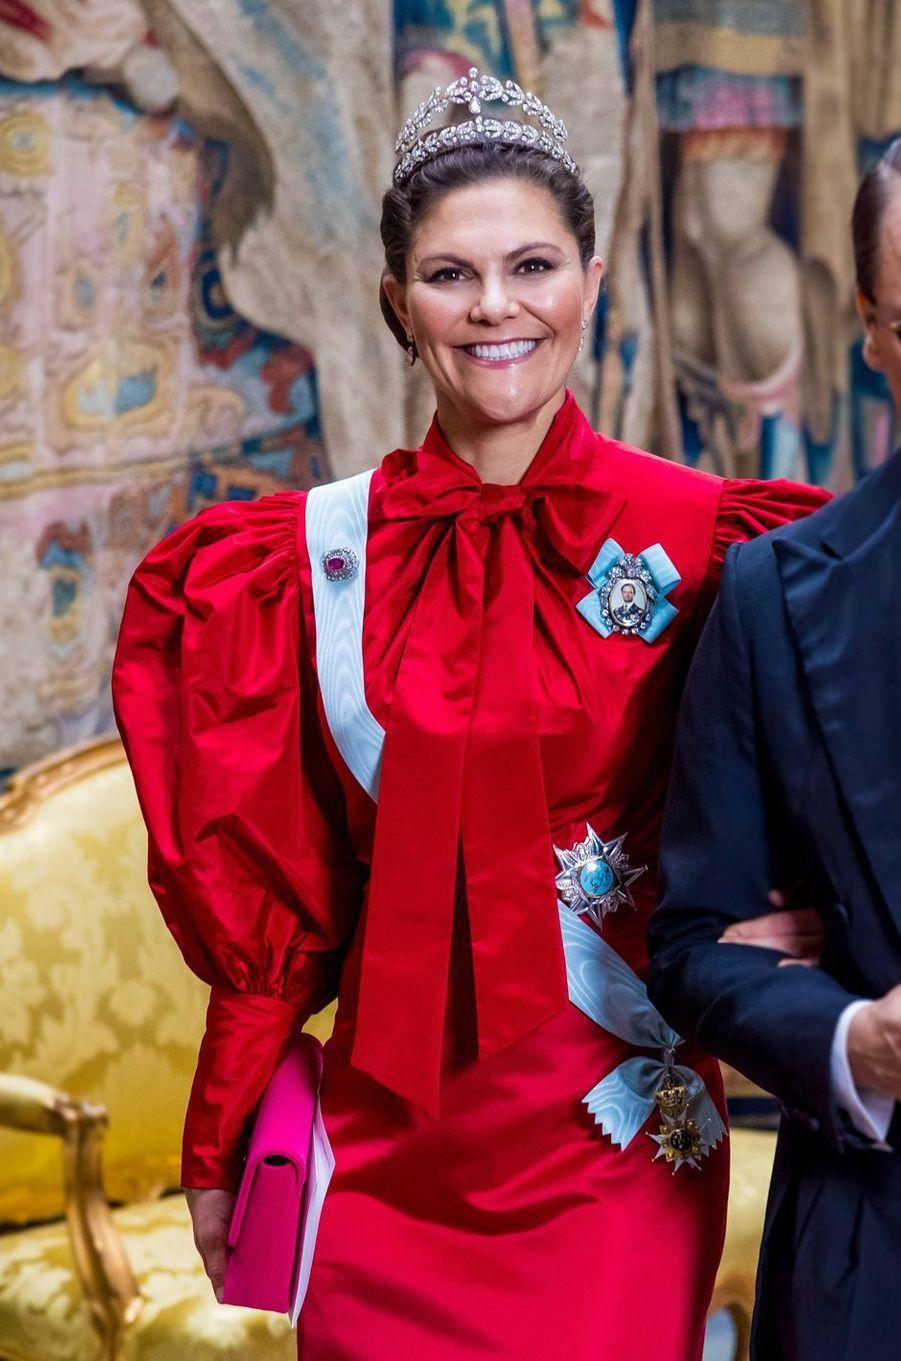 La princesse Victoria de Suède, à Stockholm le 11 décembre 2019